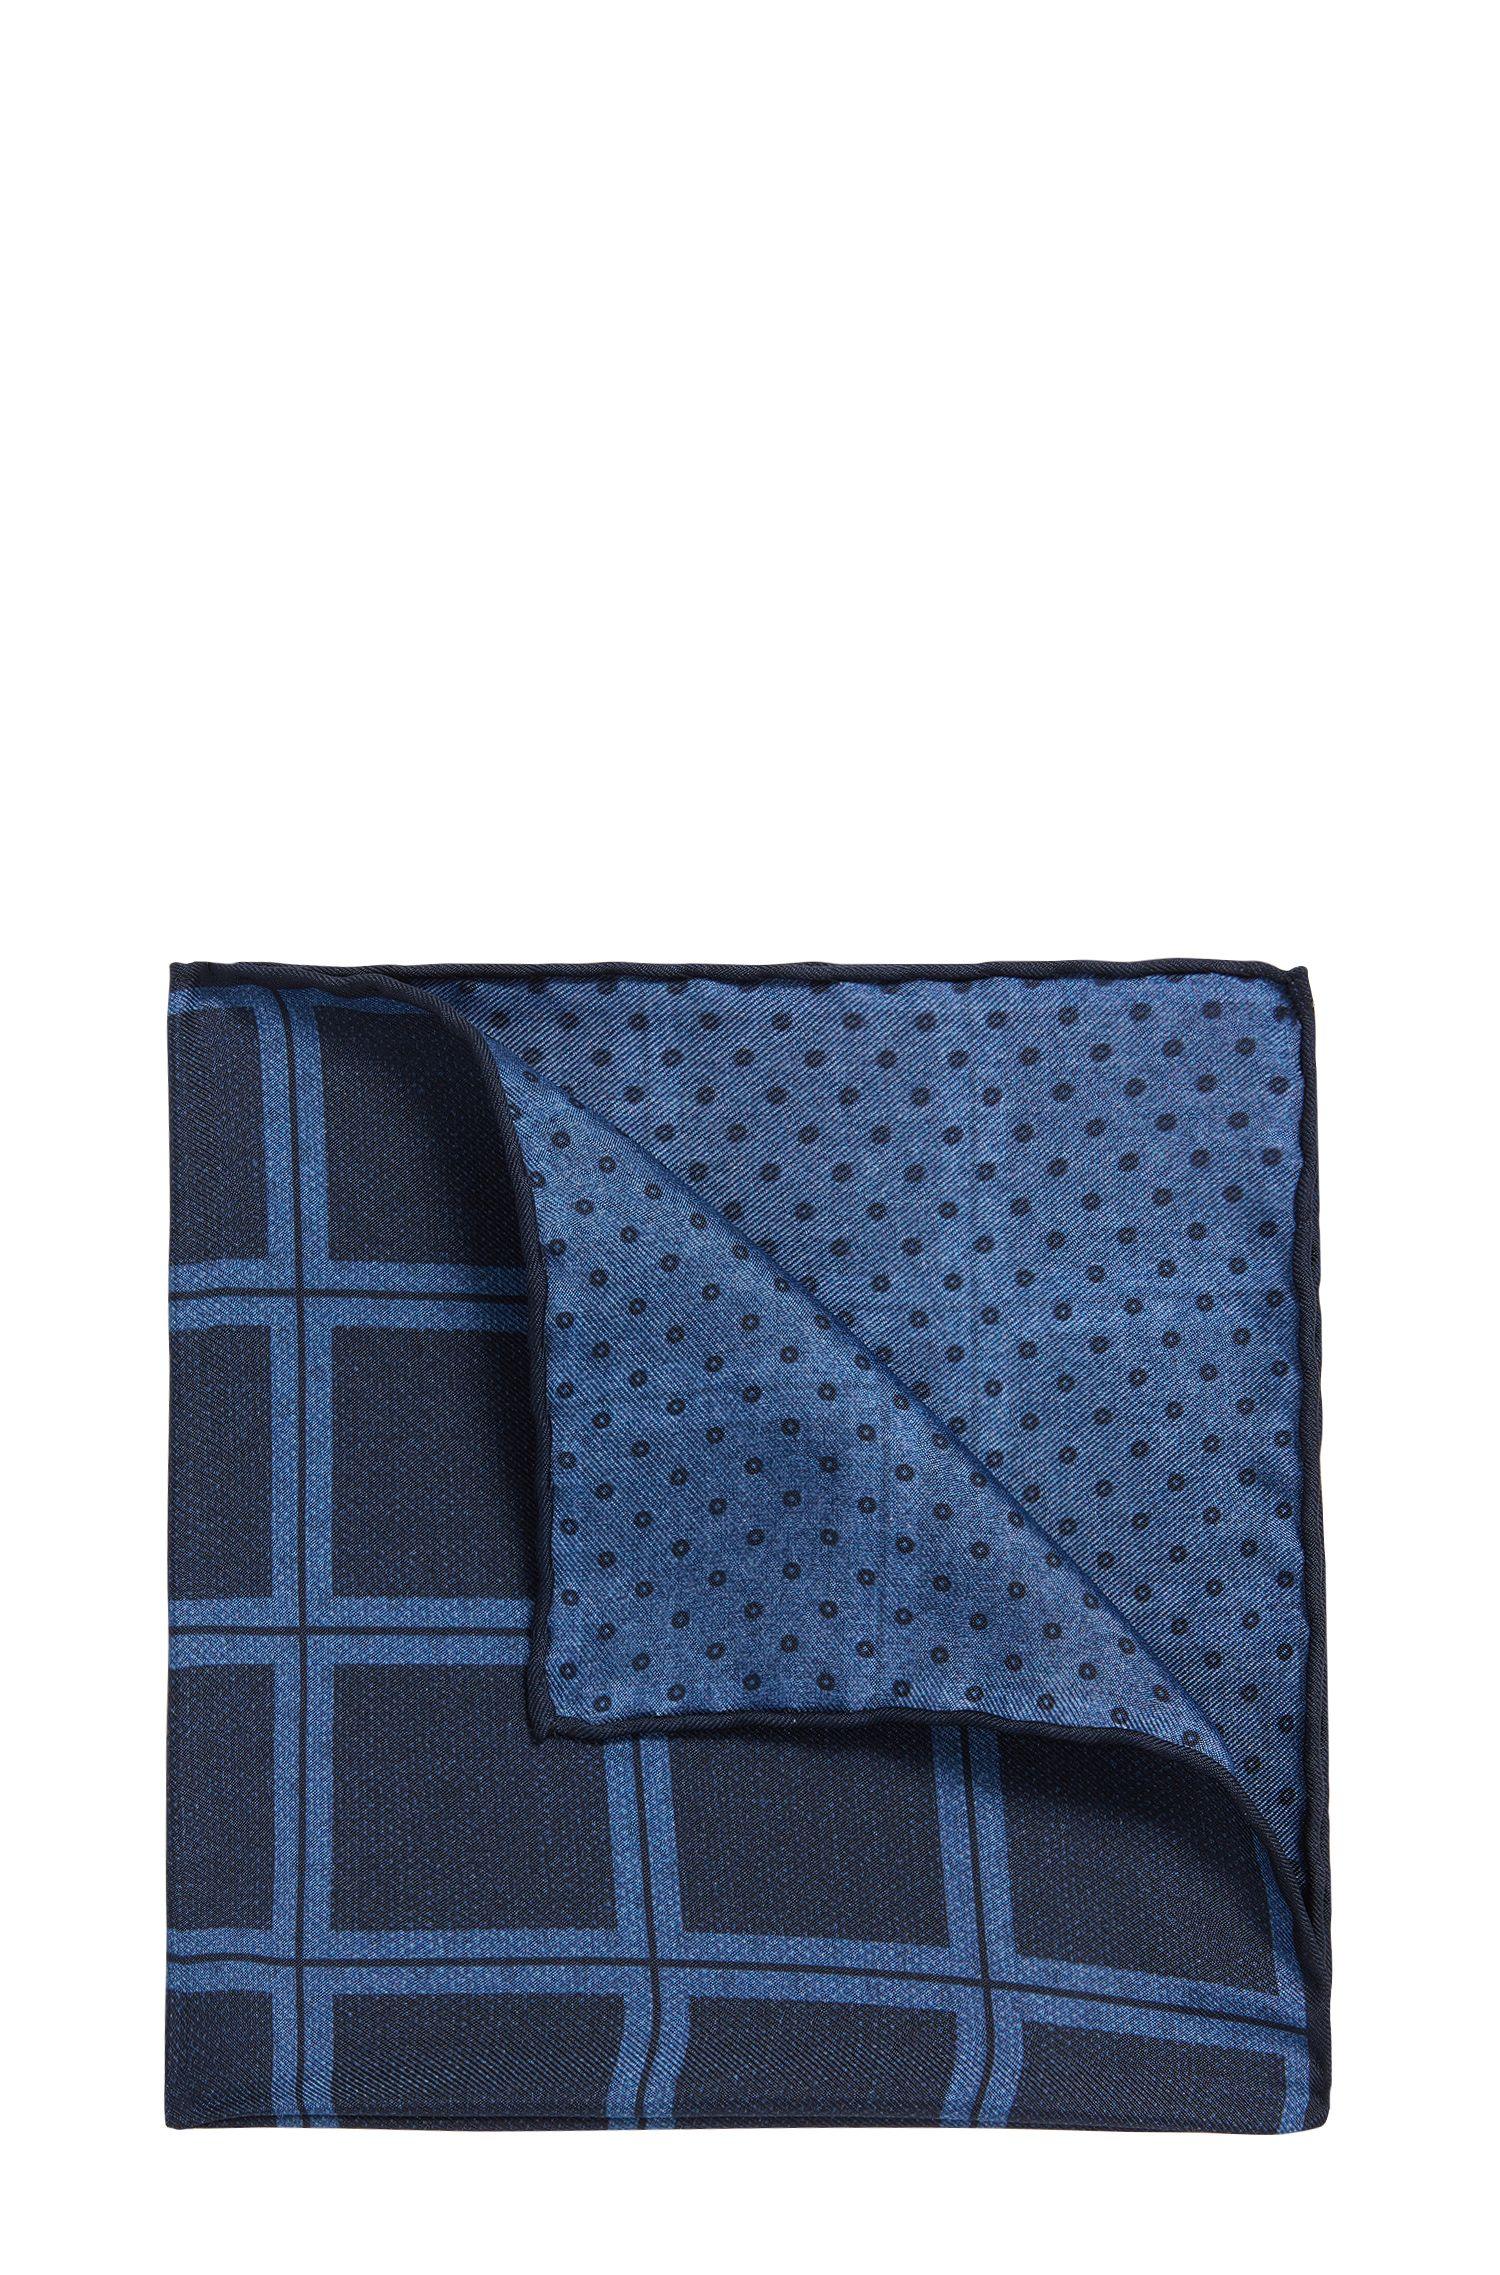 Tweezijdig te dragen pochet van fijne zijde met dubbele print